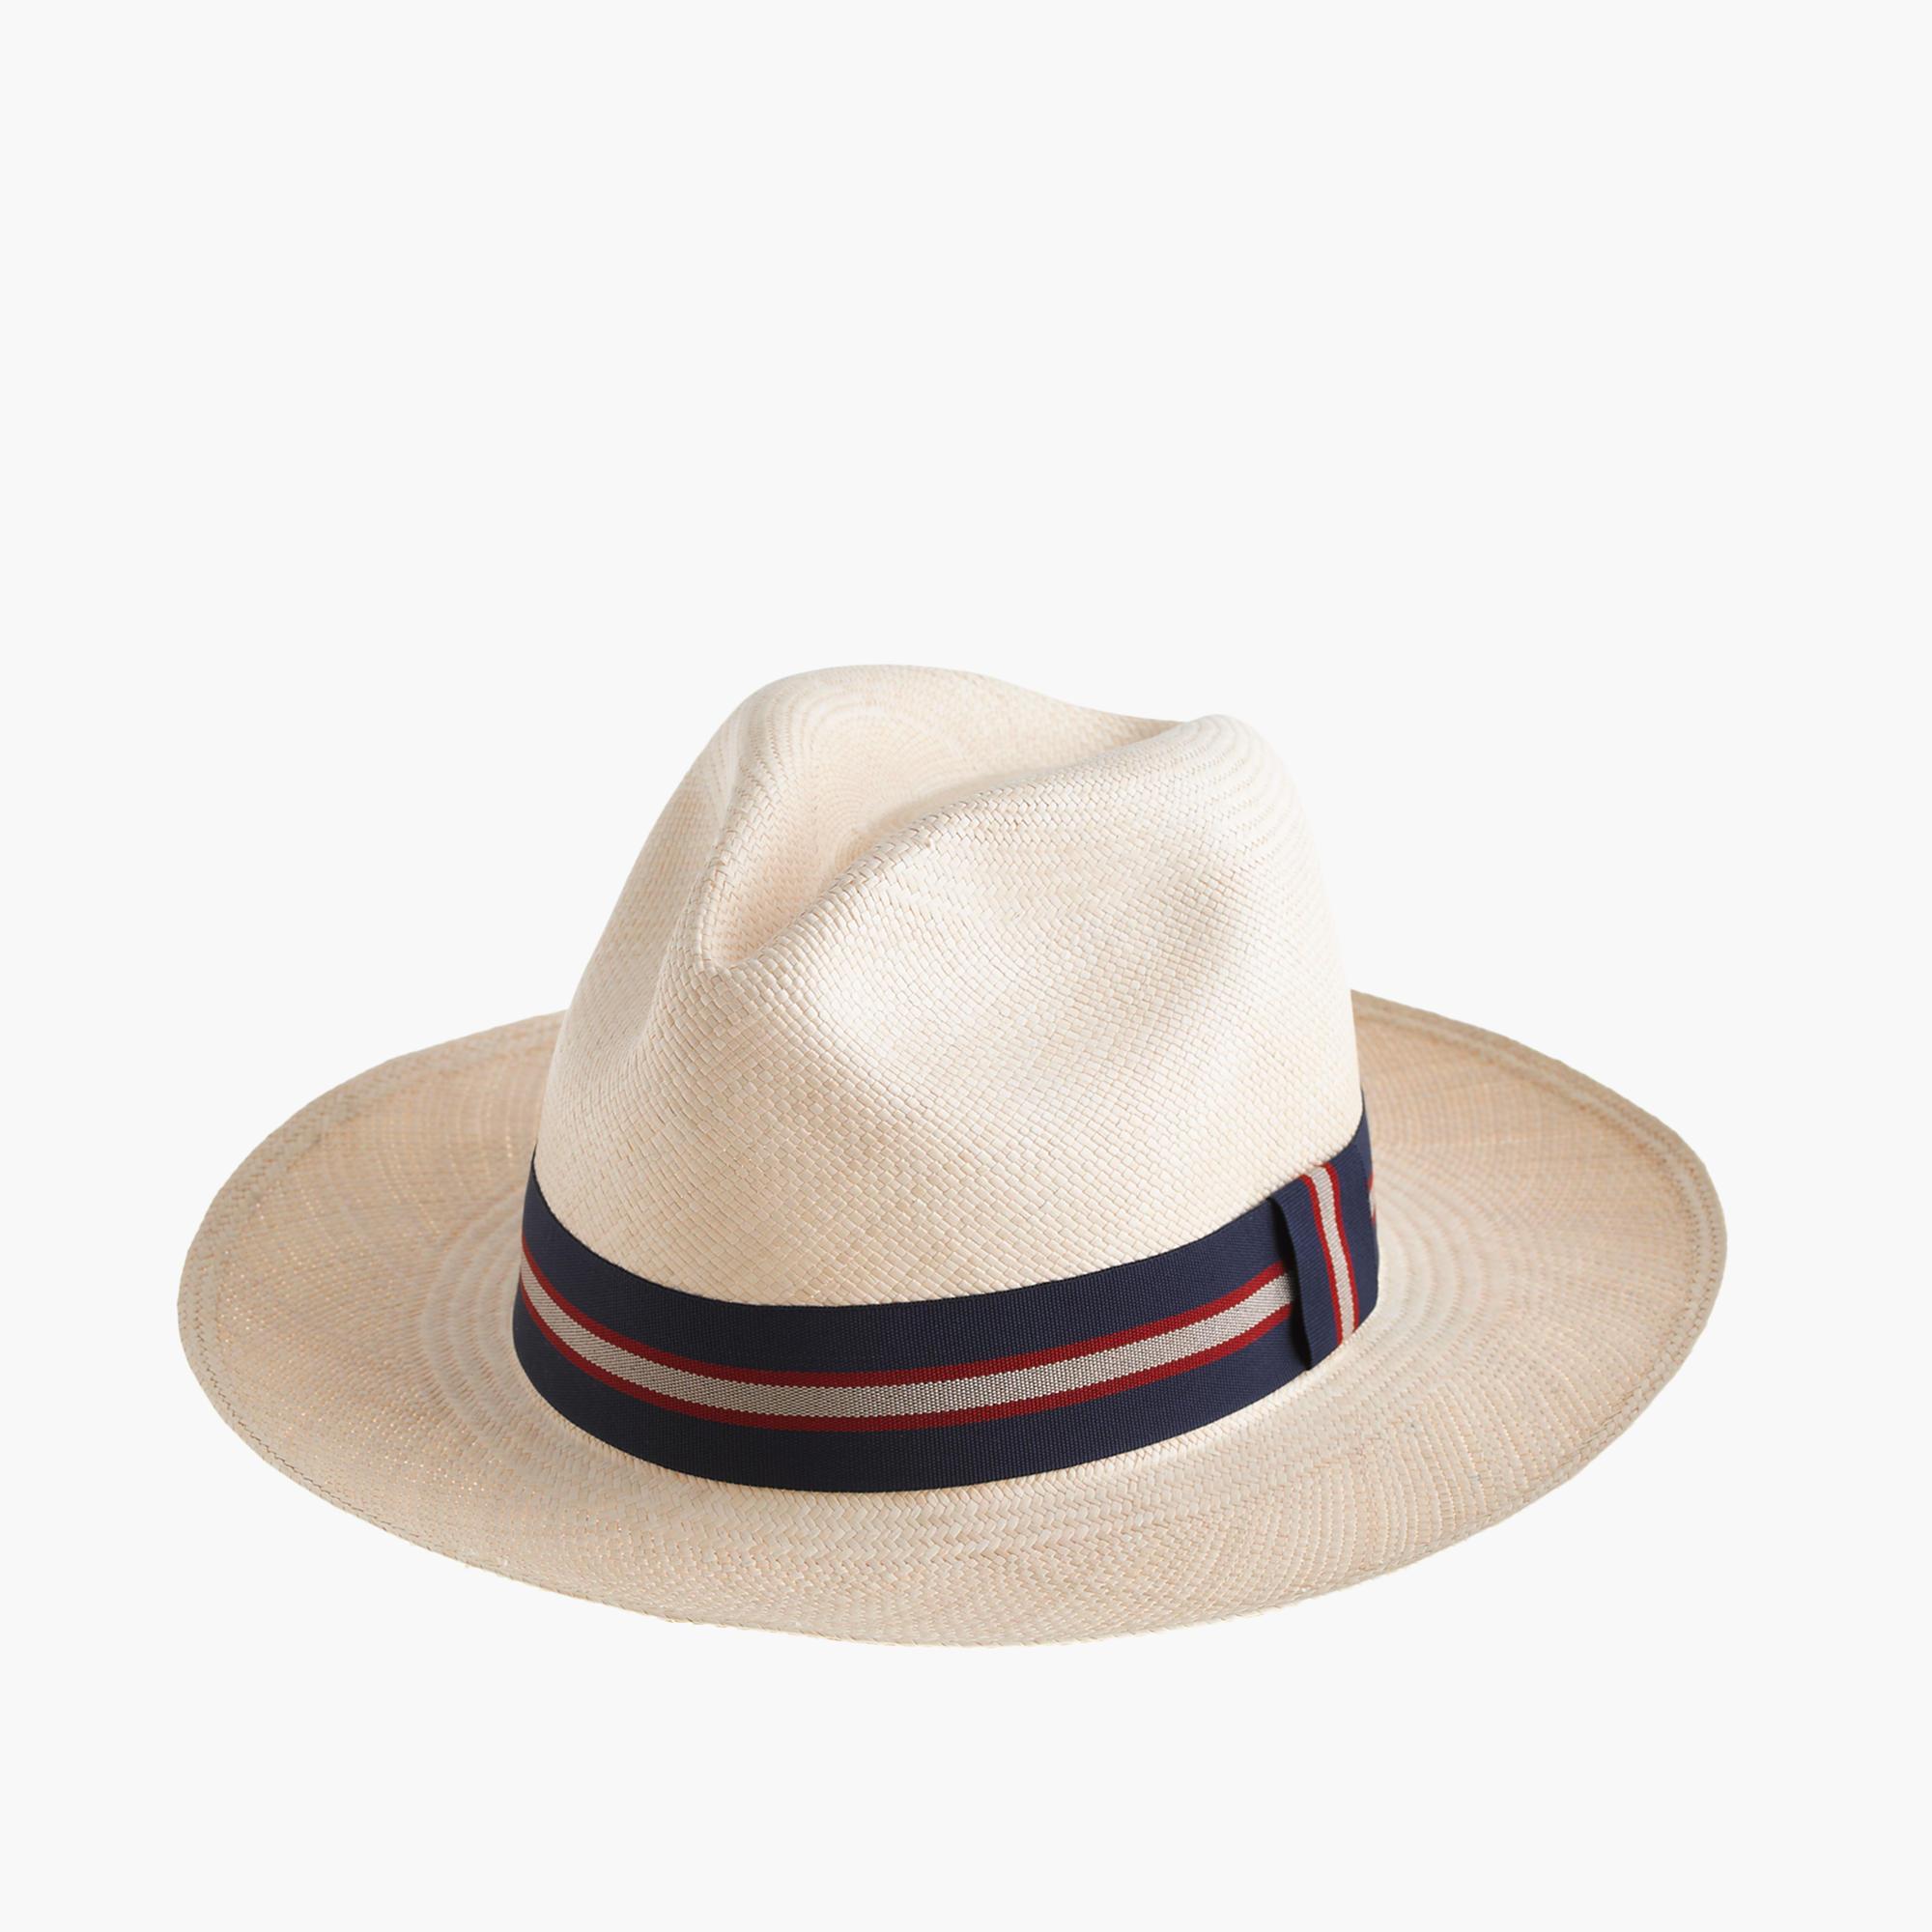 076b5e0368057 Lyst - J.Crew Paulmann Straw Panama Hat in Blue for Men